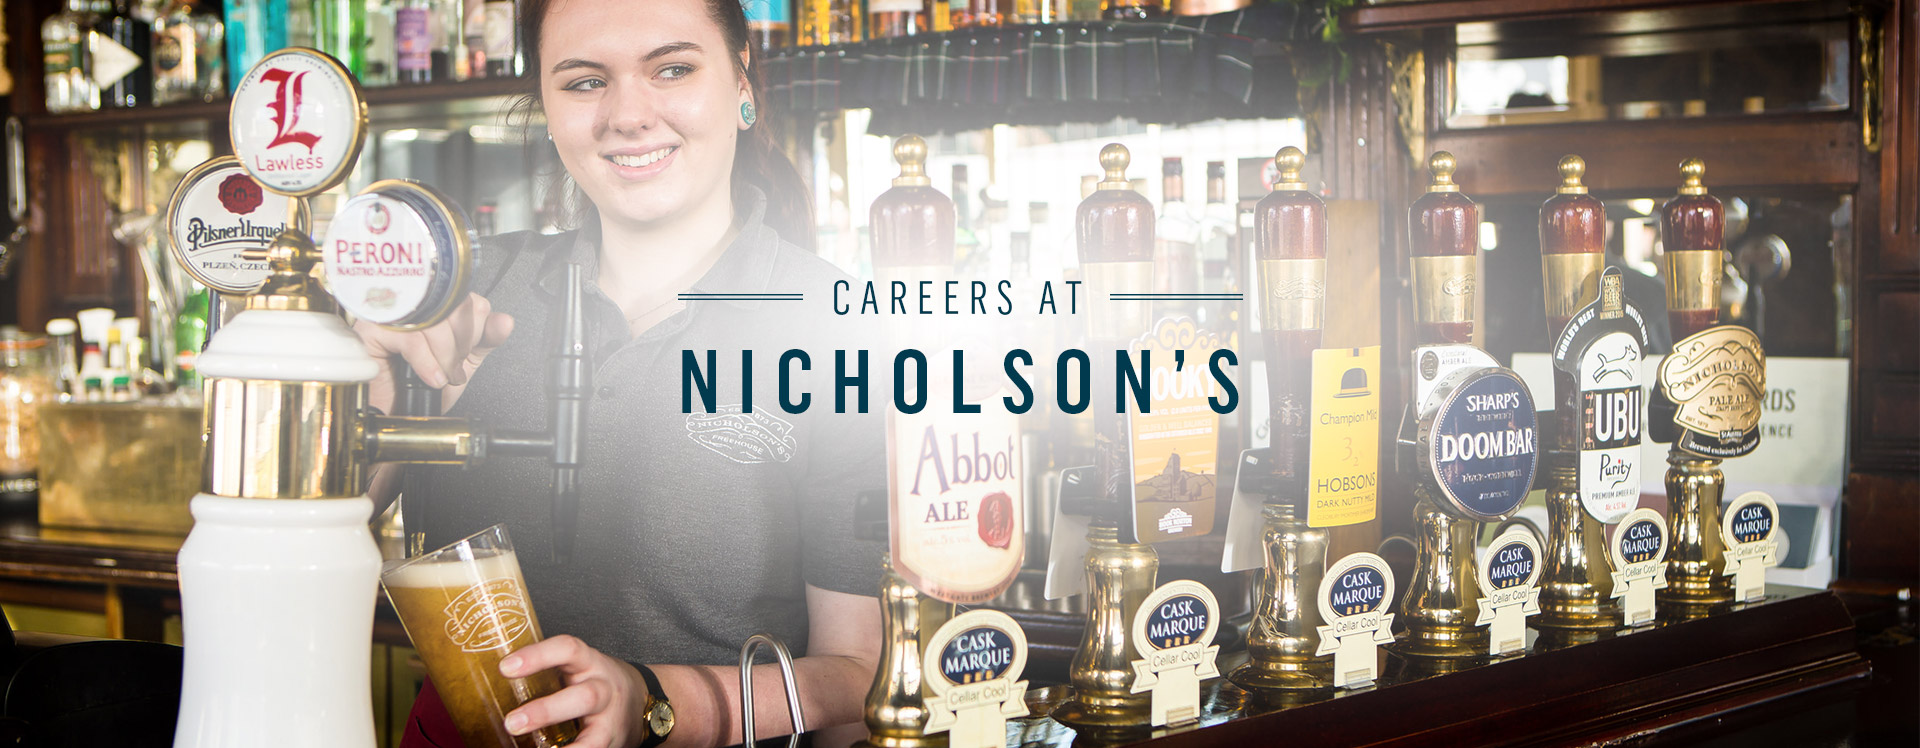 Nicholson's Jobs at Your Local Nicholson's Pubs